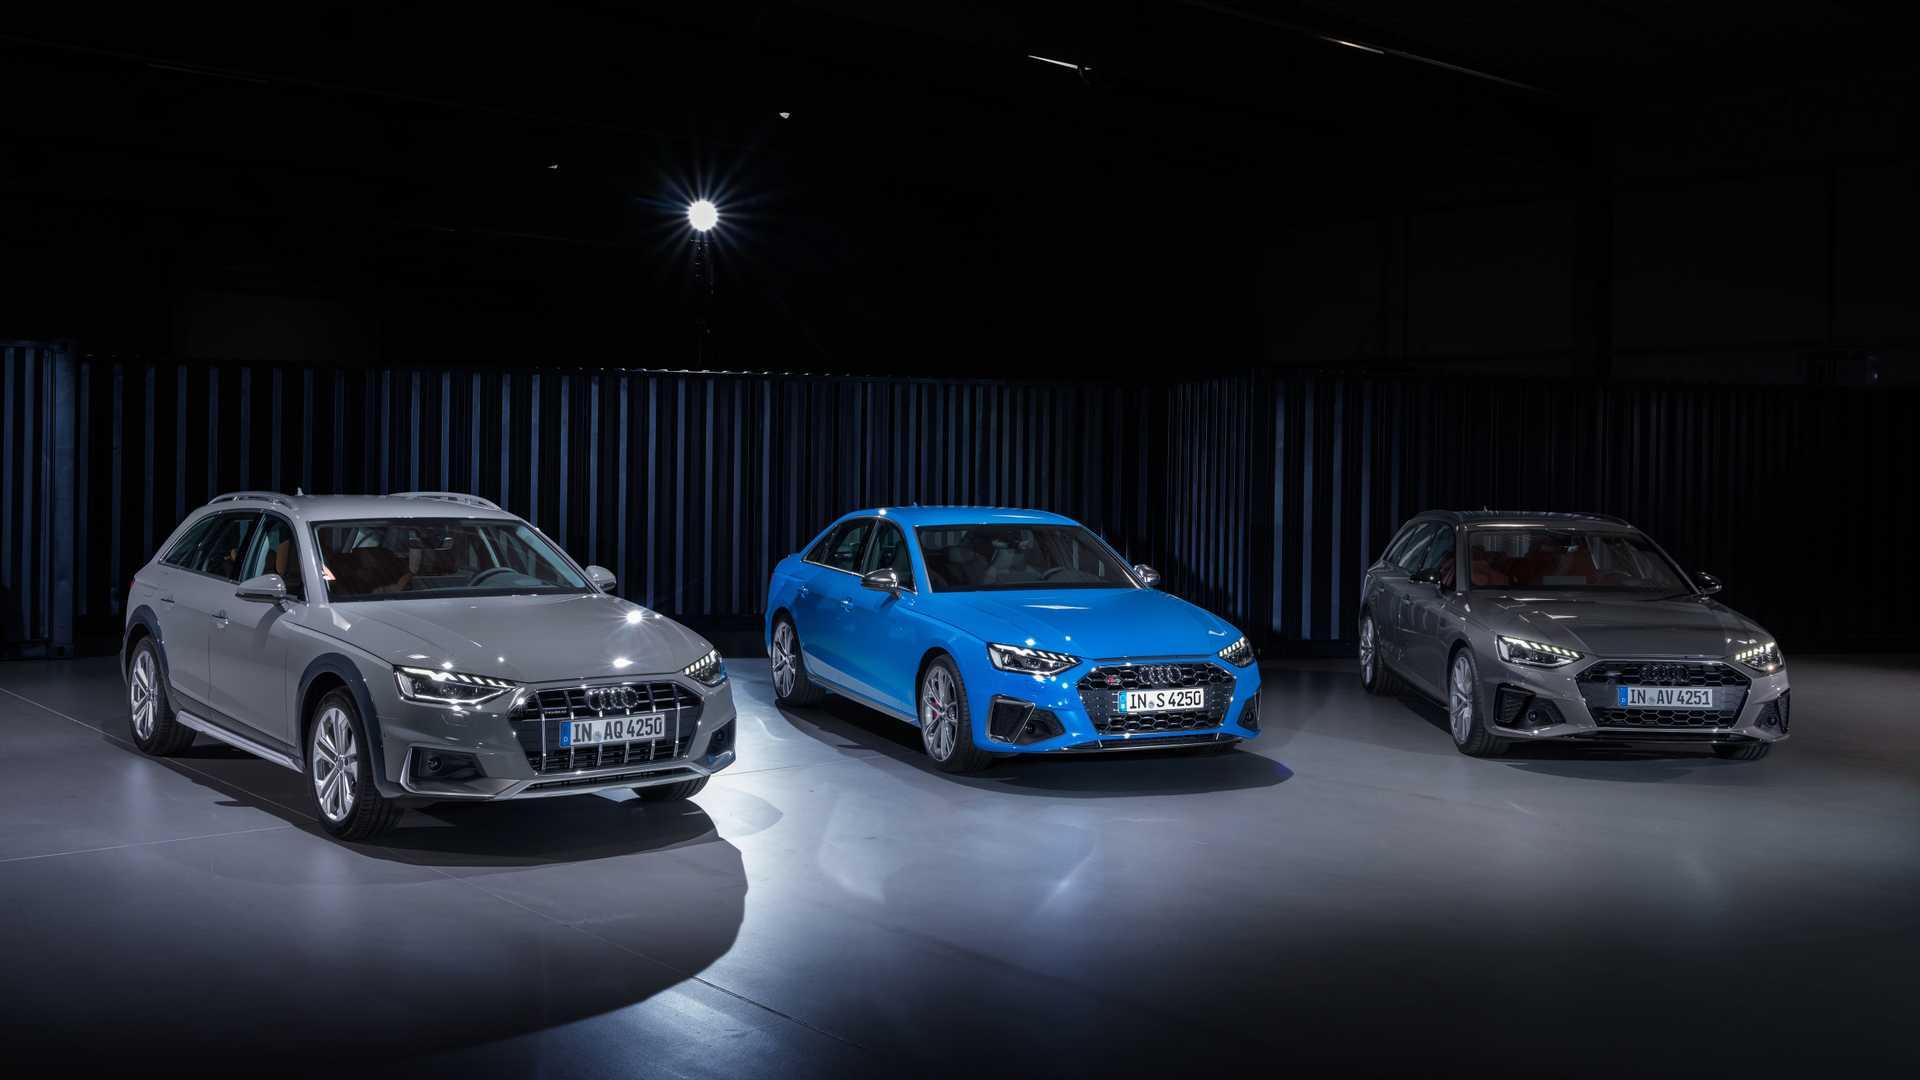 Рестайлинговые модели дебютировали в модификациях седан, универсал и вседорожник Allroad